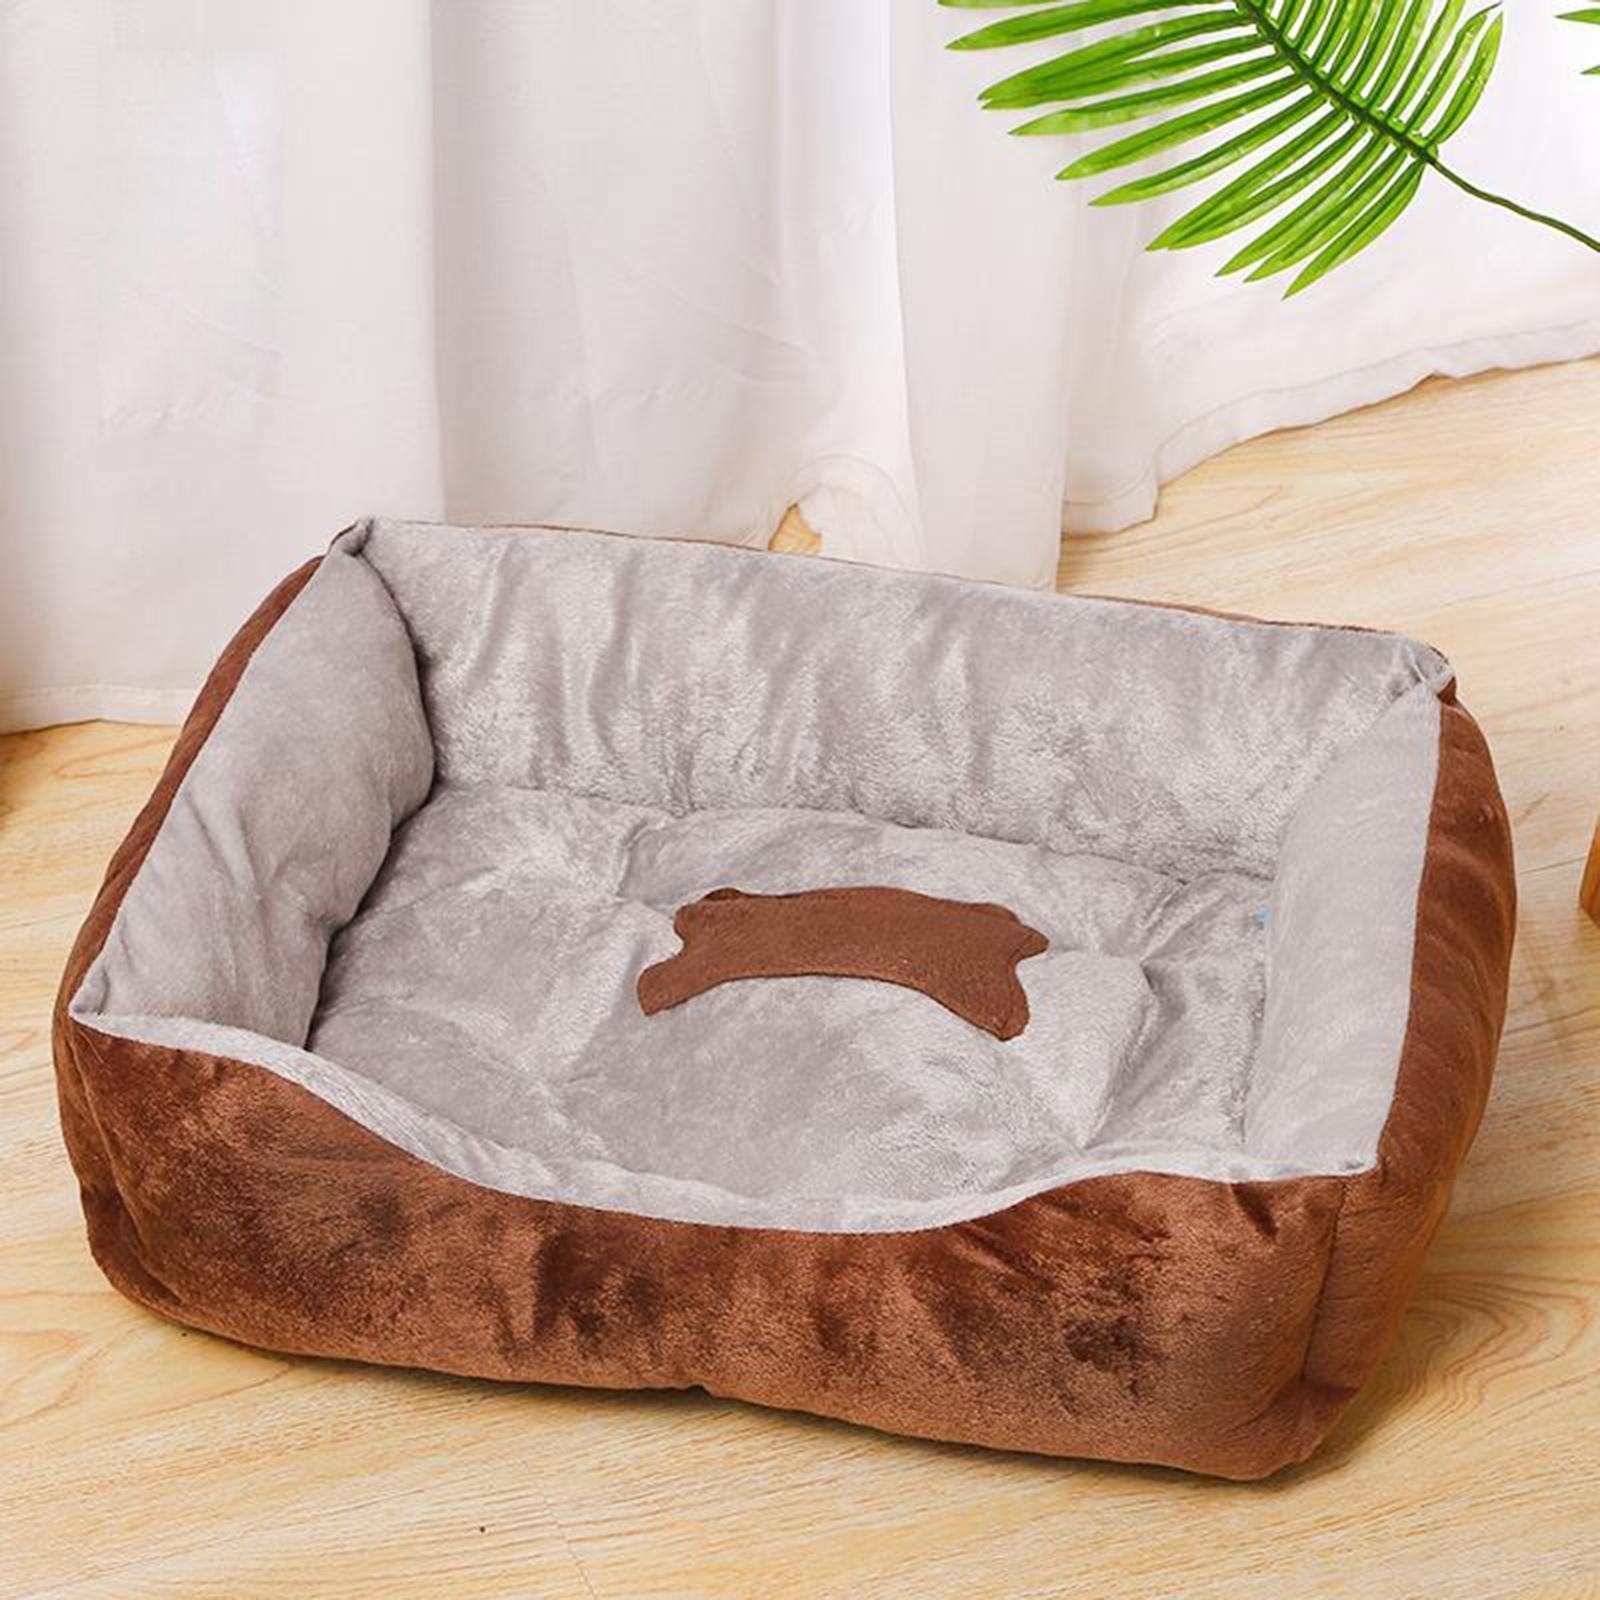 Indexbild 34 - Katze-Hund-Bett-Pet-Kissen-Betten-Haus-Schlaf-Soft-Warmen-Zwinger-Decke-Nest